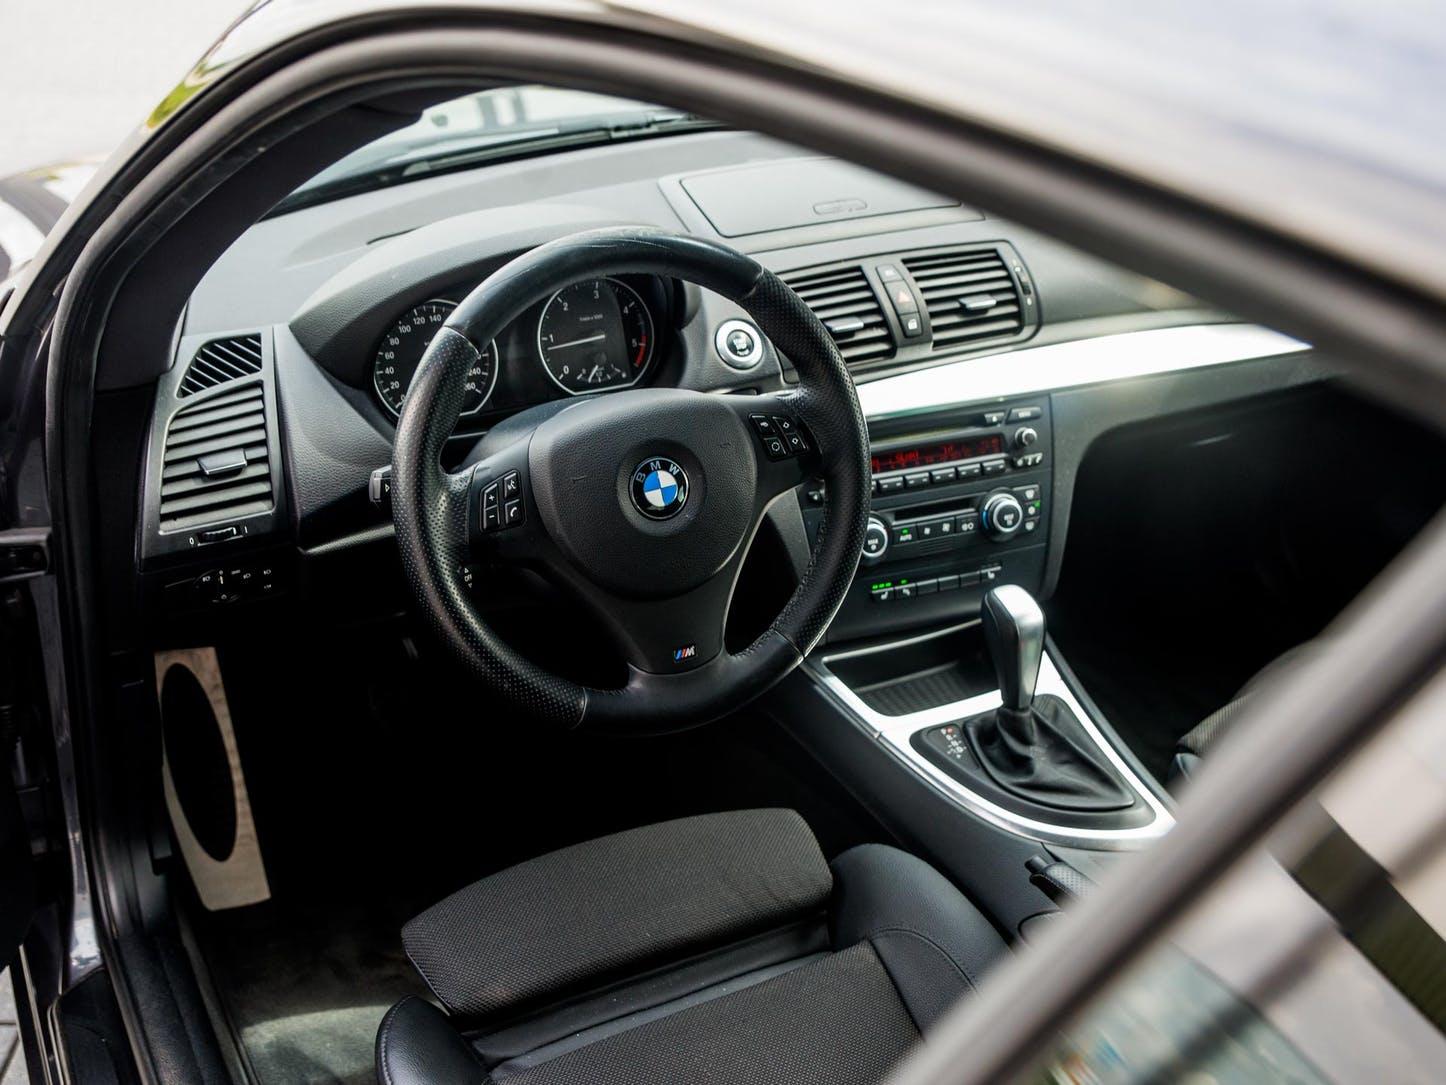 Tweedehands BMW 1 Serie 120d occasion